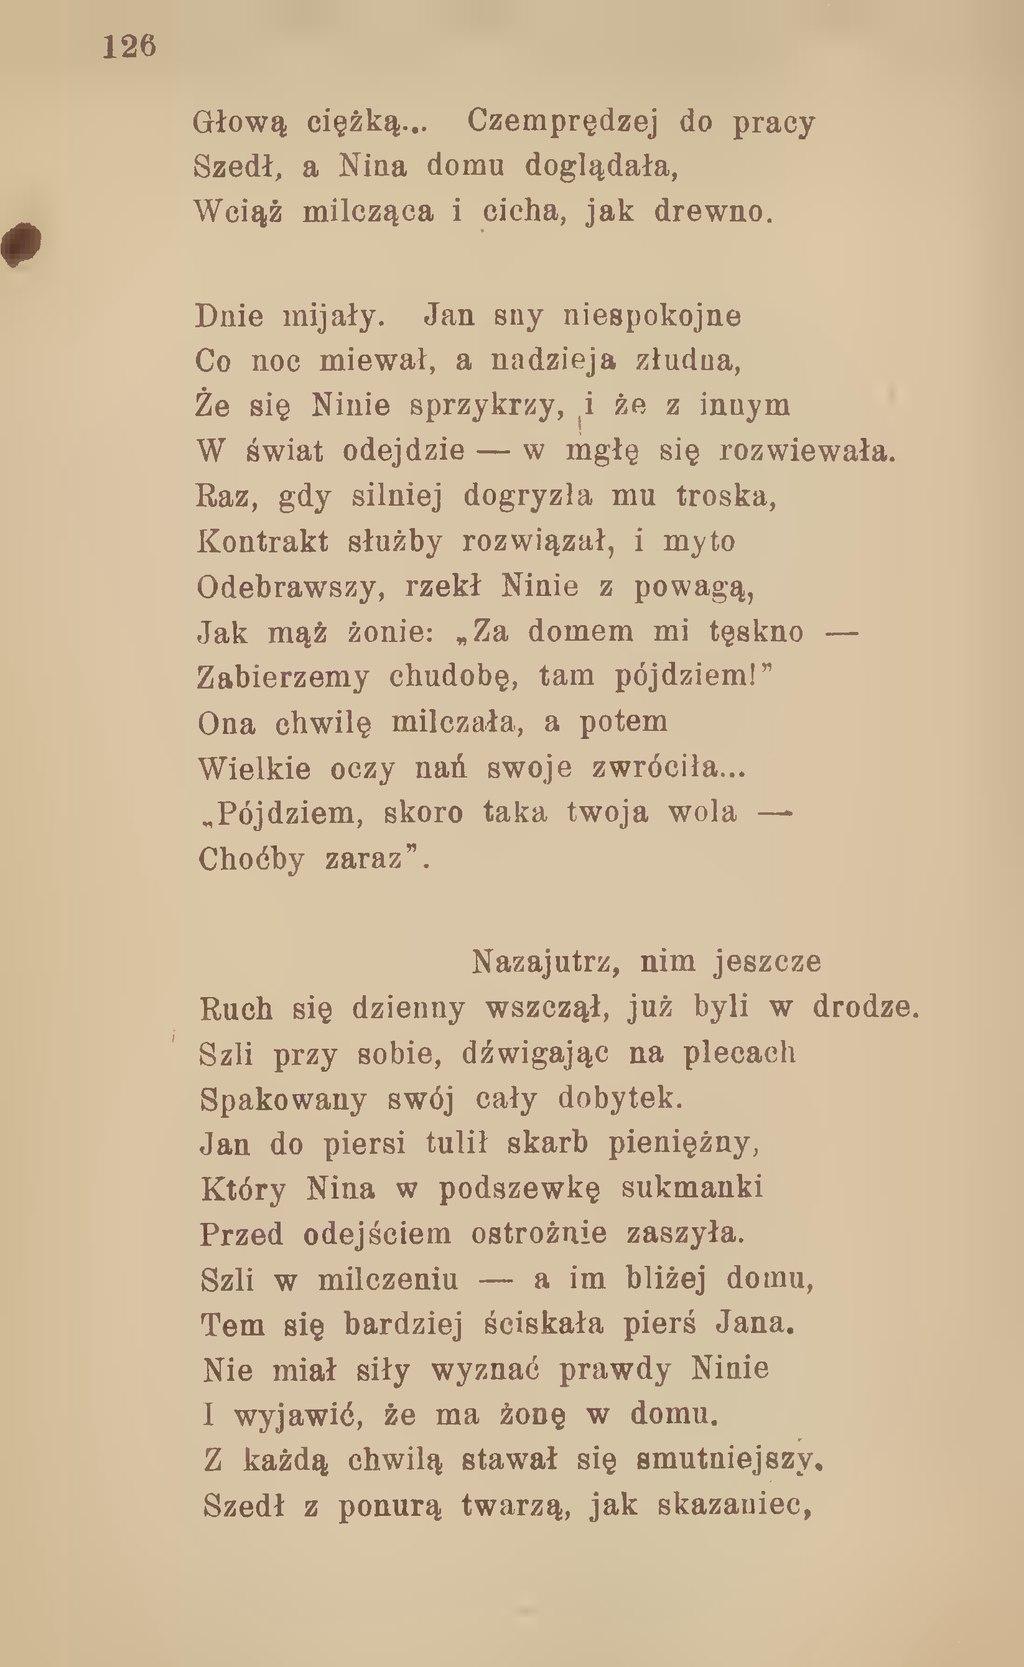 Stronagomulickiego Wiktora Wiersze Zbiór Nowydjvu129